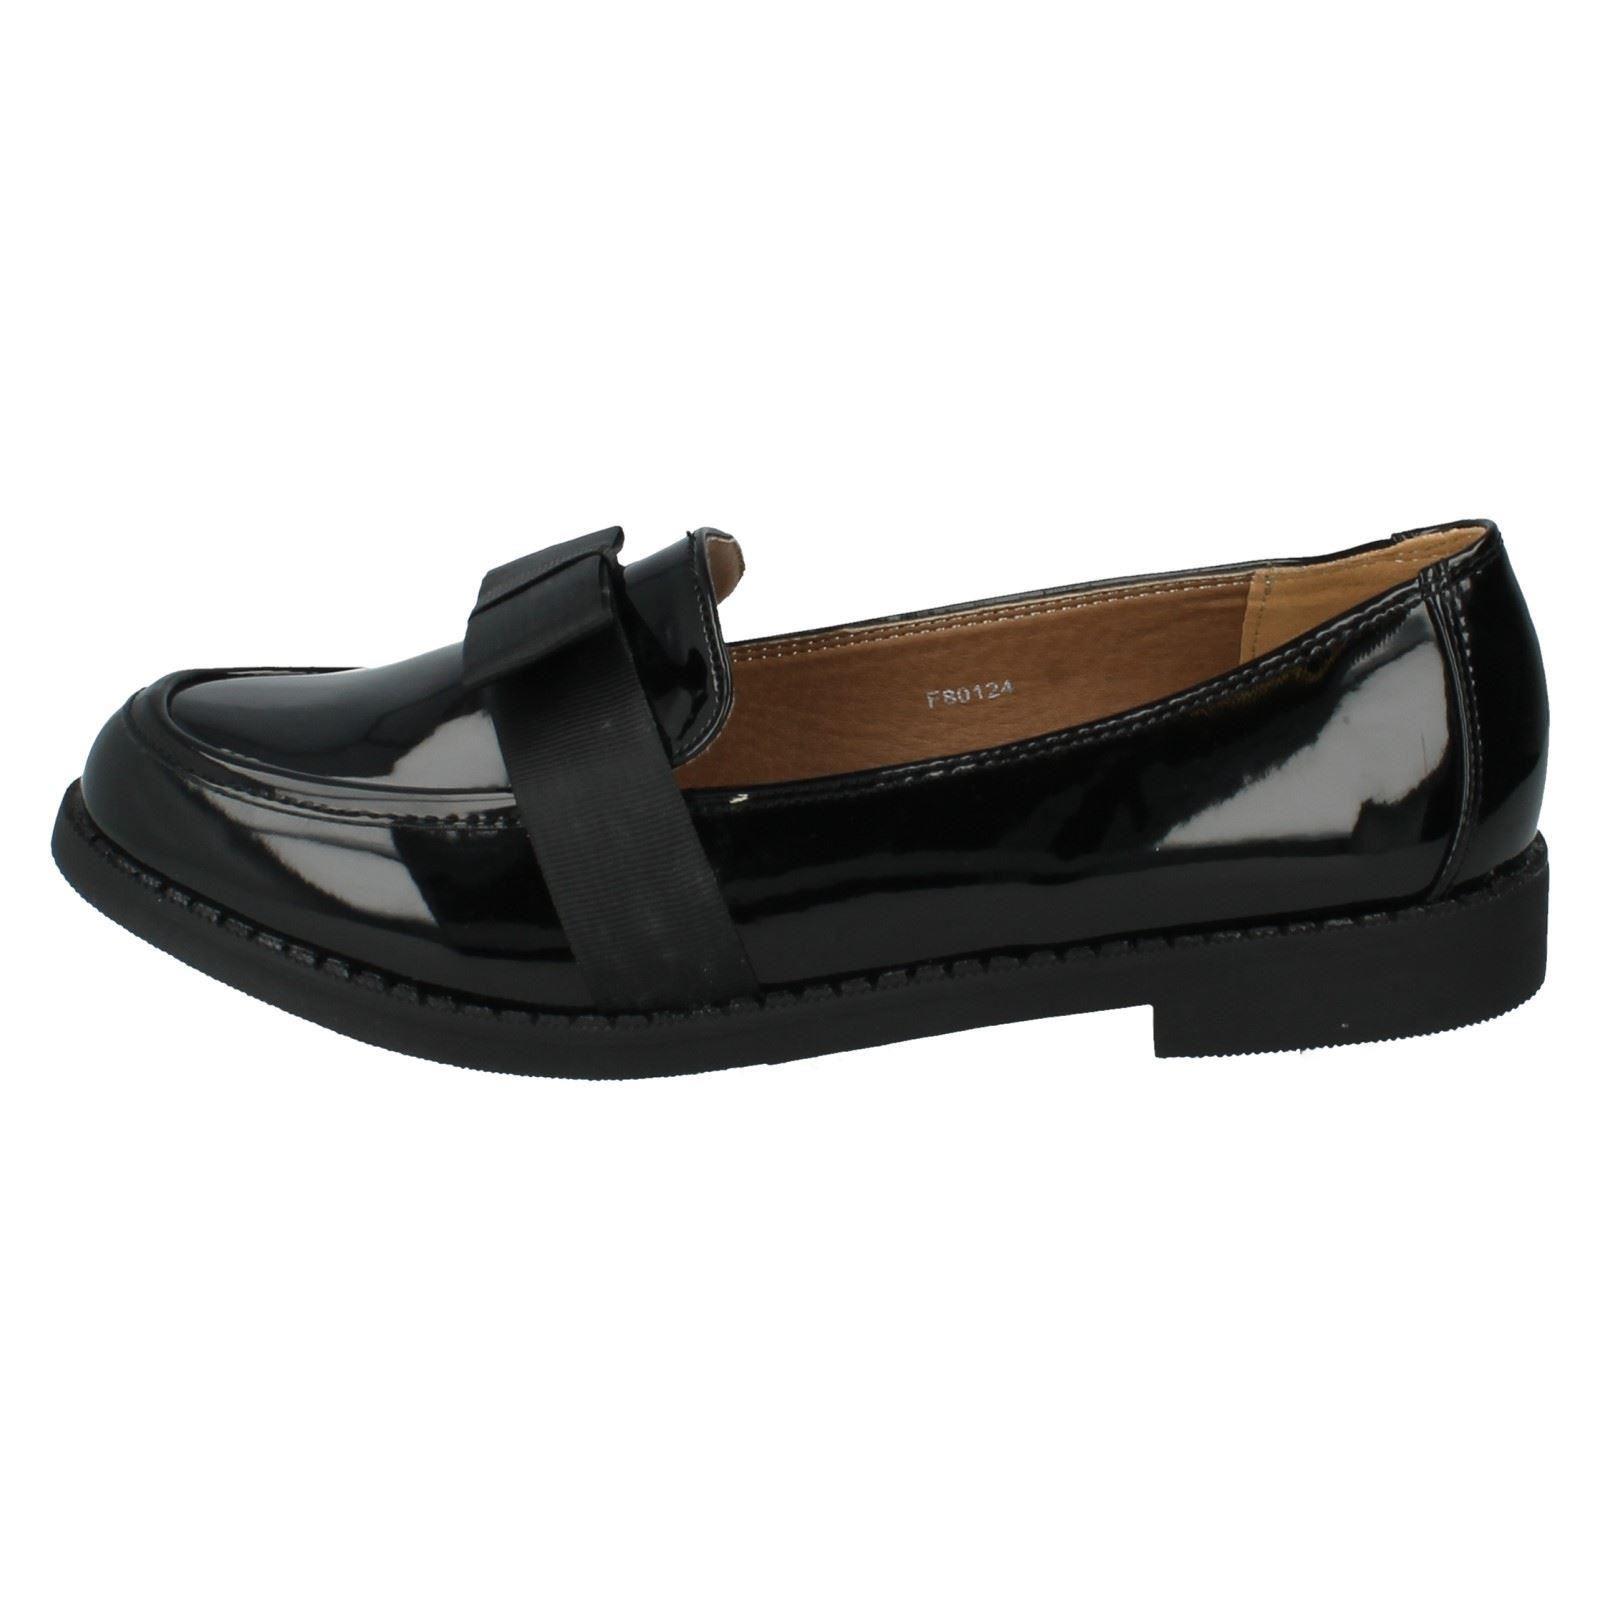 Señoras de punto en zapatos planos el estilo-f80124